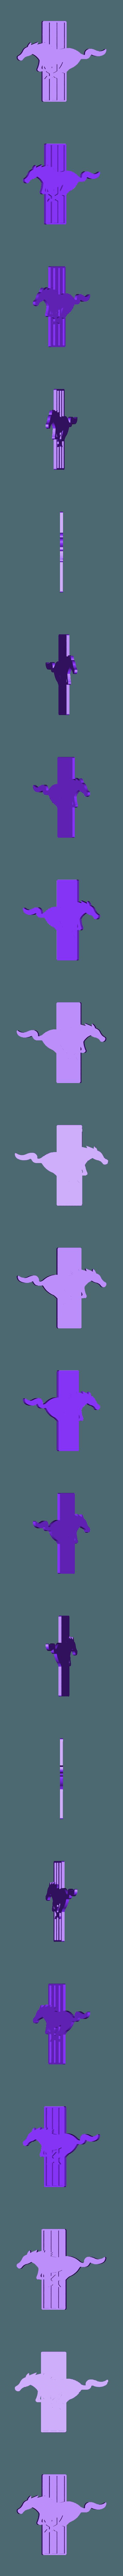 Mustang_logo.stl Télécharger fichier STL gratuit Ford Mustang Logo Signalétique • Objet pour imprimante 3D, MeesterEduard